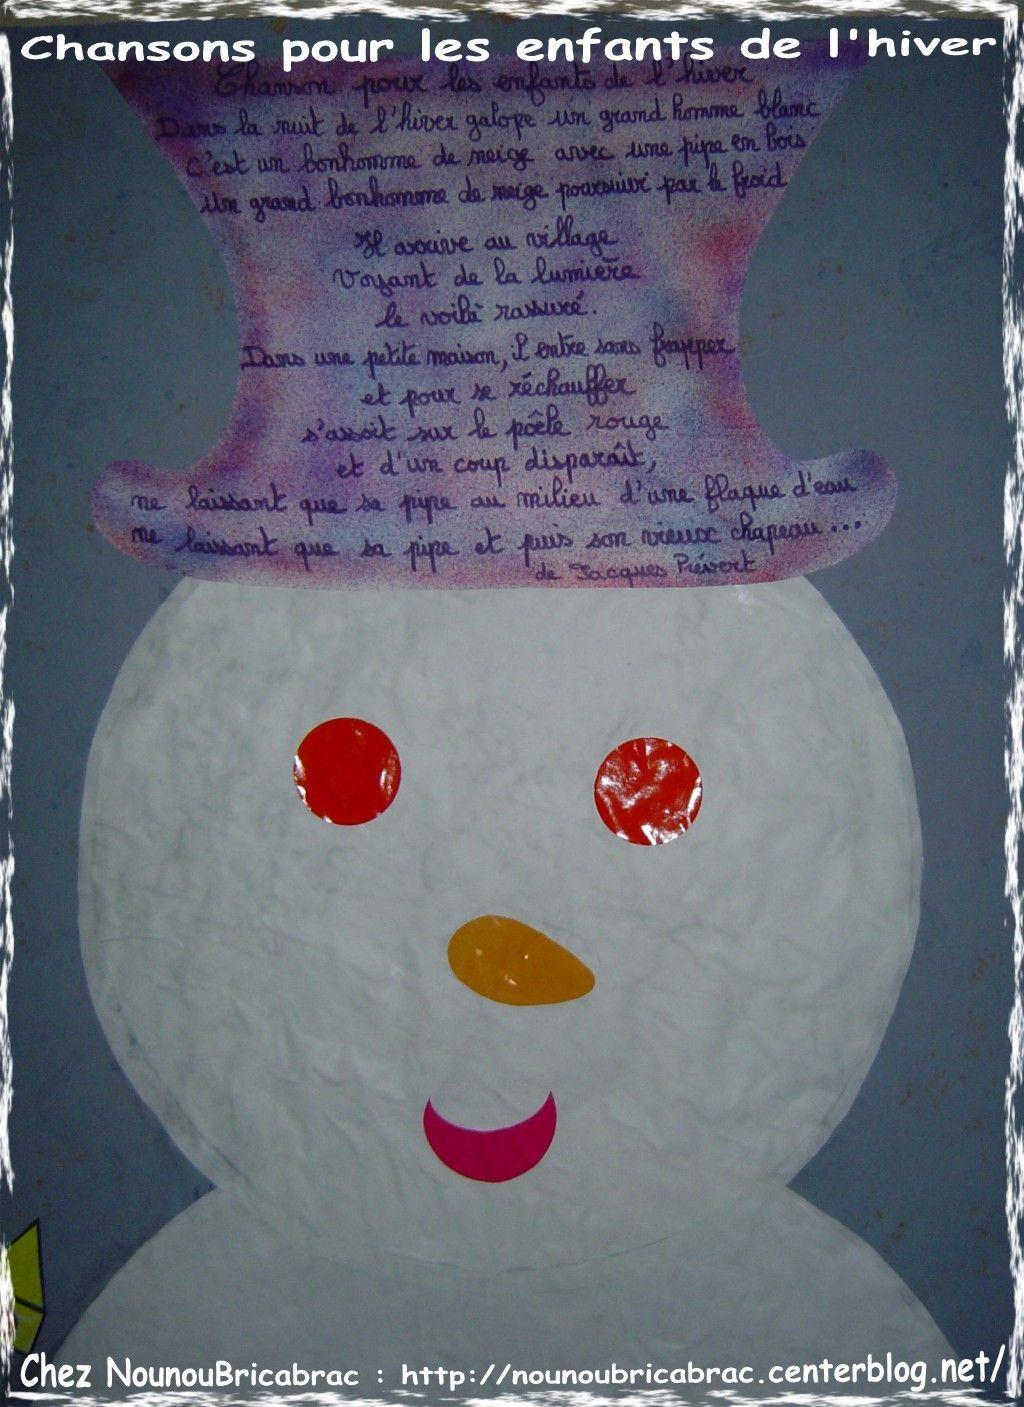 Chanson Pour Les Enfants De L'hiver Poésie Ou Formulette encequiconcerne Dans La Nuit De L Hiver Chanson